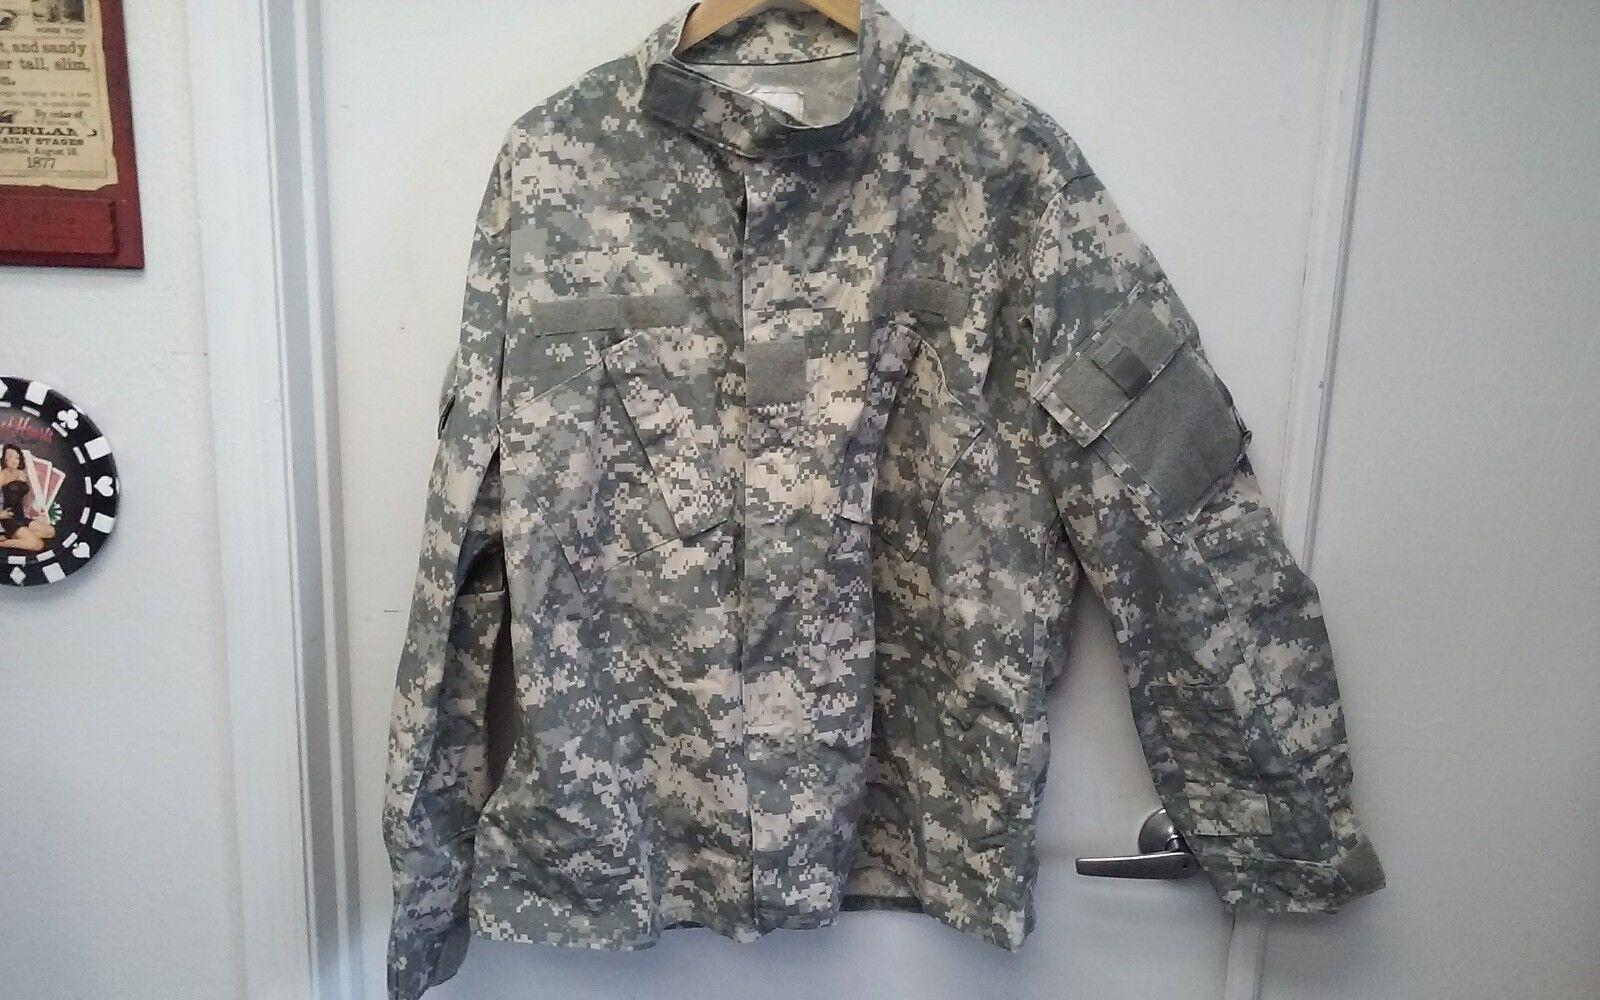 Army combat Suit Camoflauge XL SPM100-05-D-0409